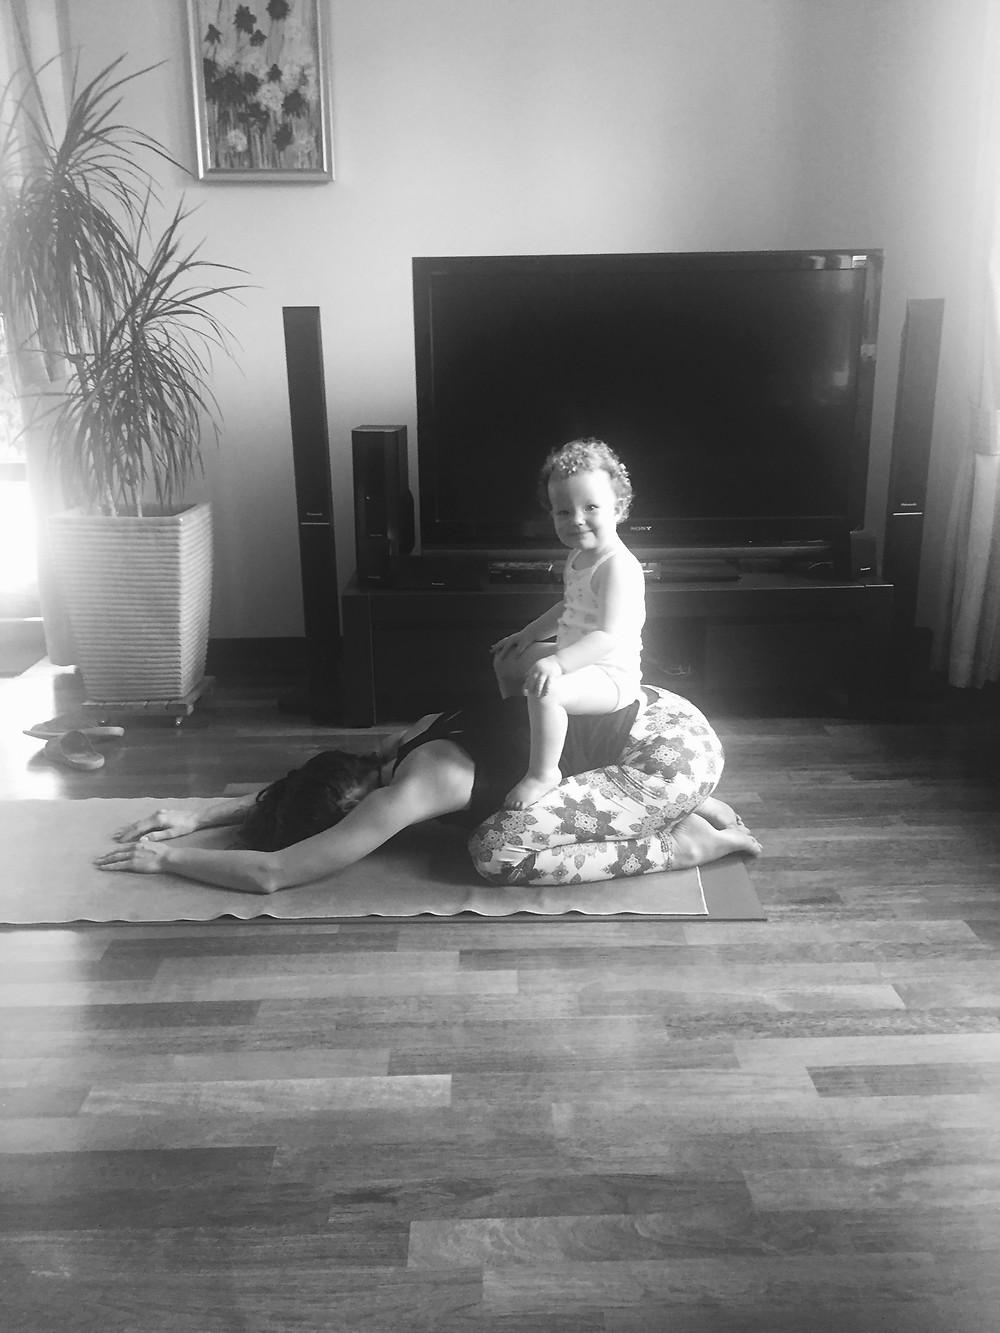 Kasia Pokrop, home practice